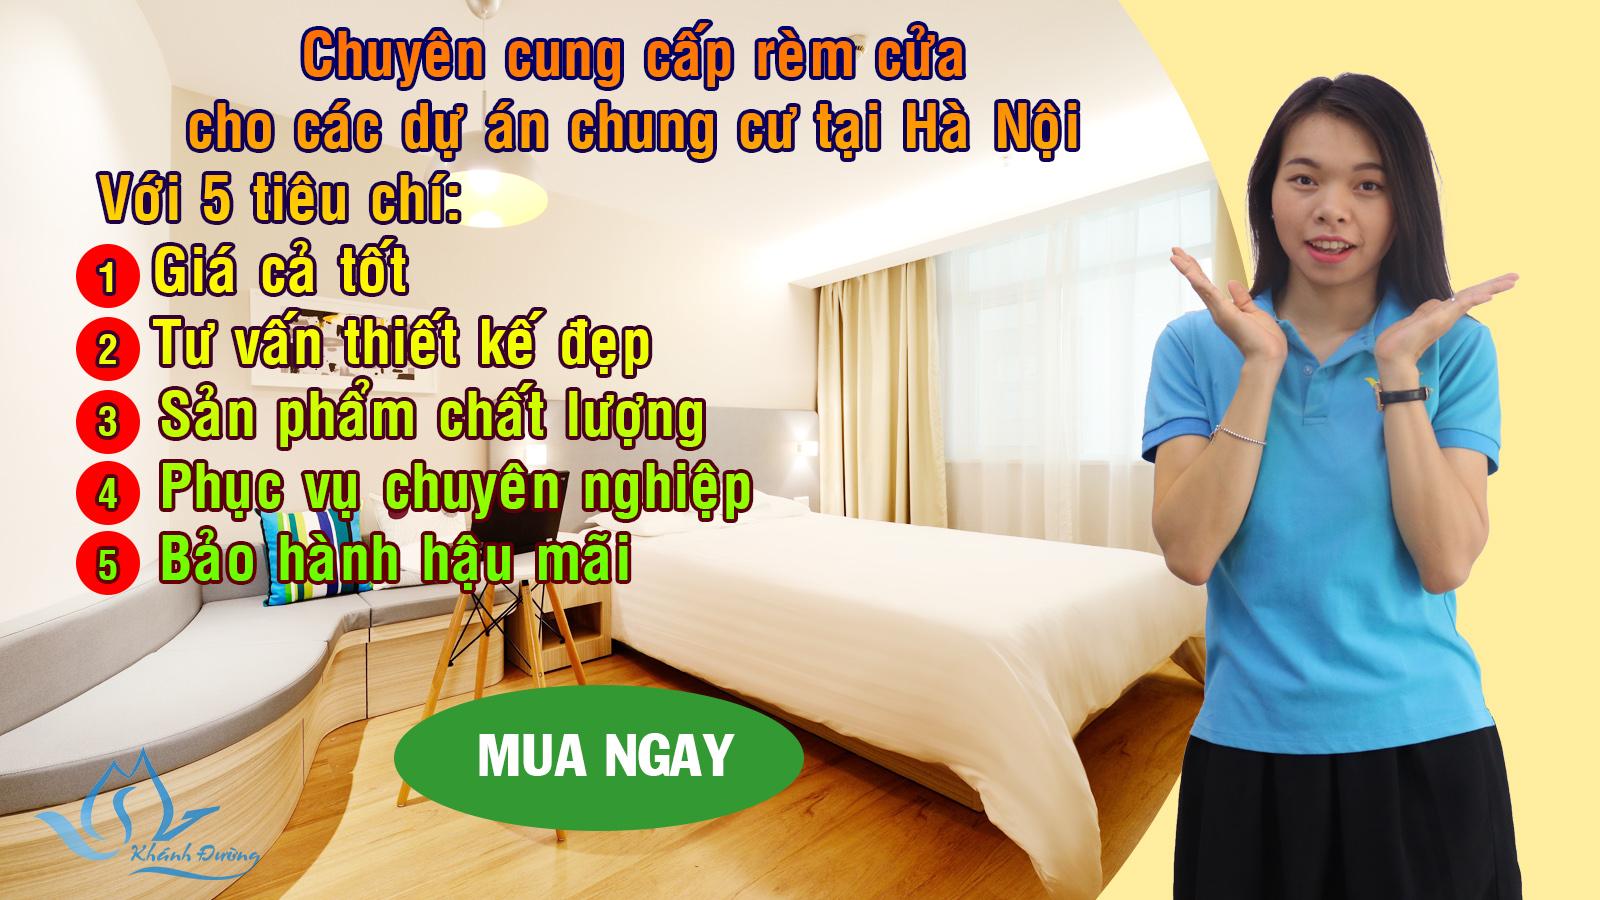 Chuyên cung cấp rèm cửa chung cư dự án công trình Hà Nội